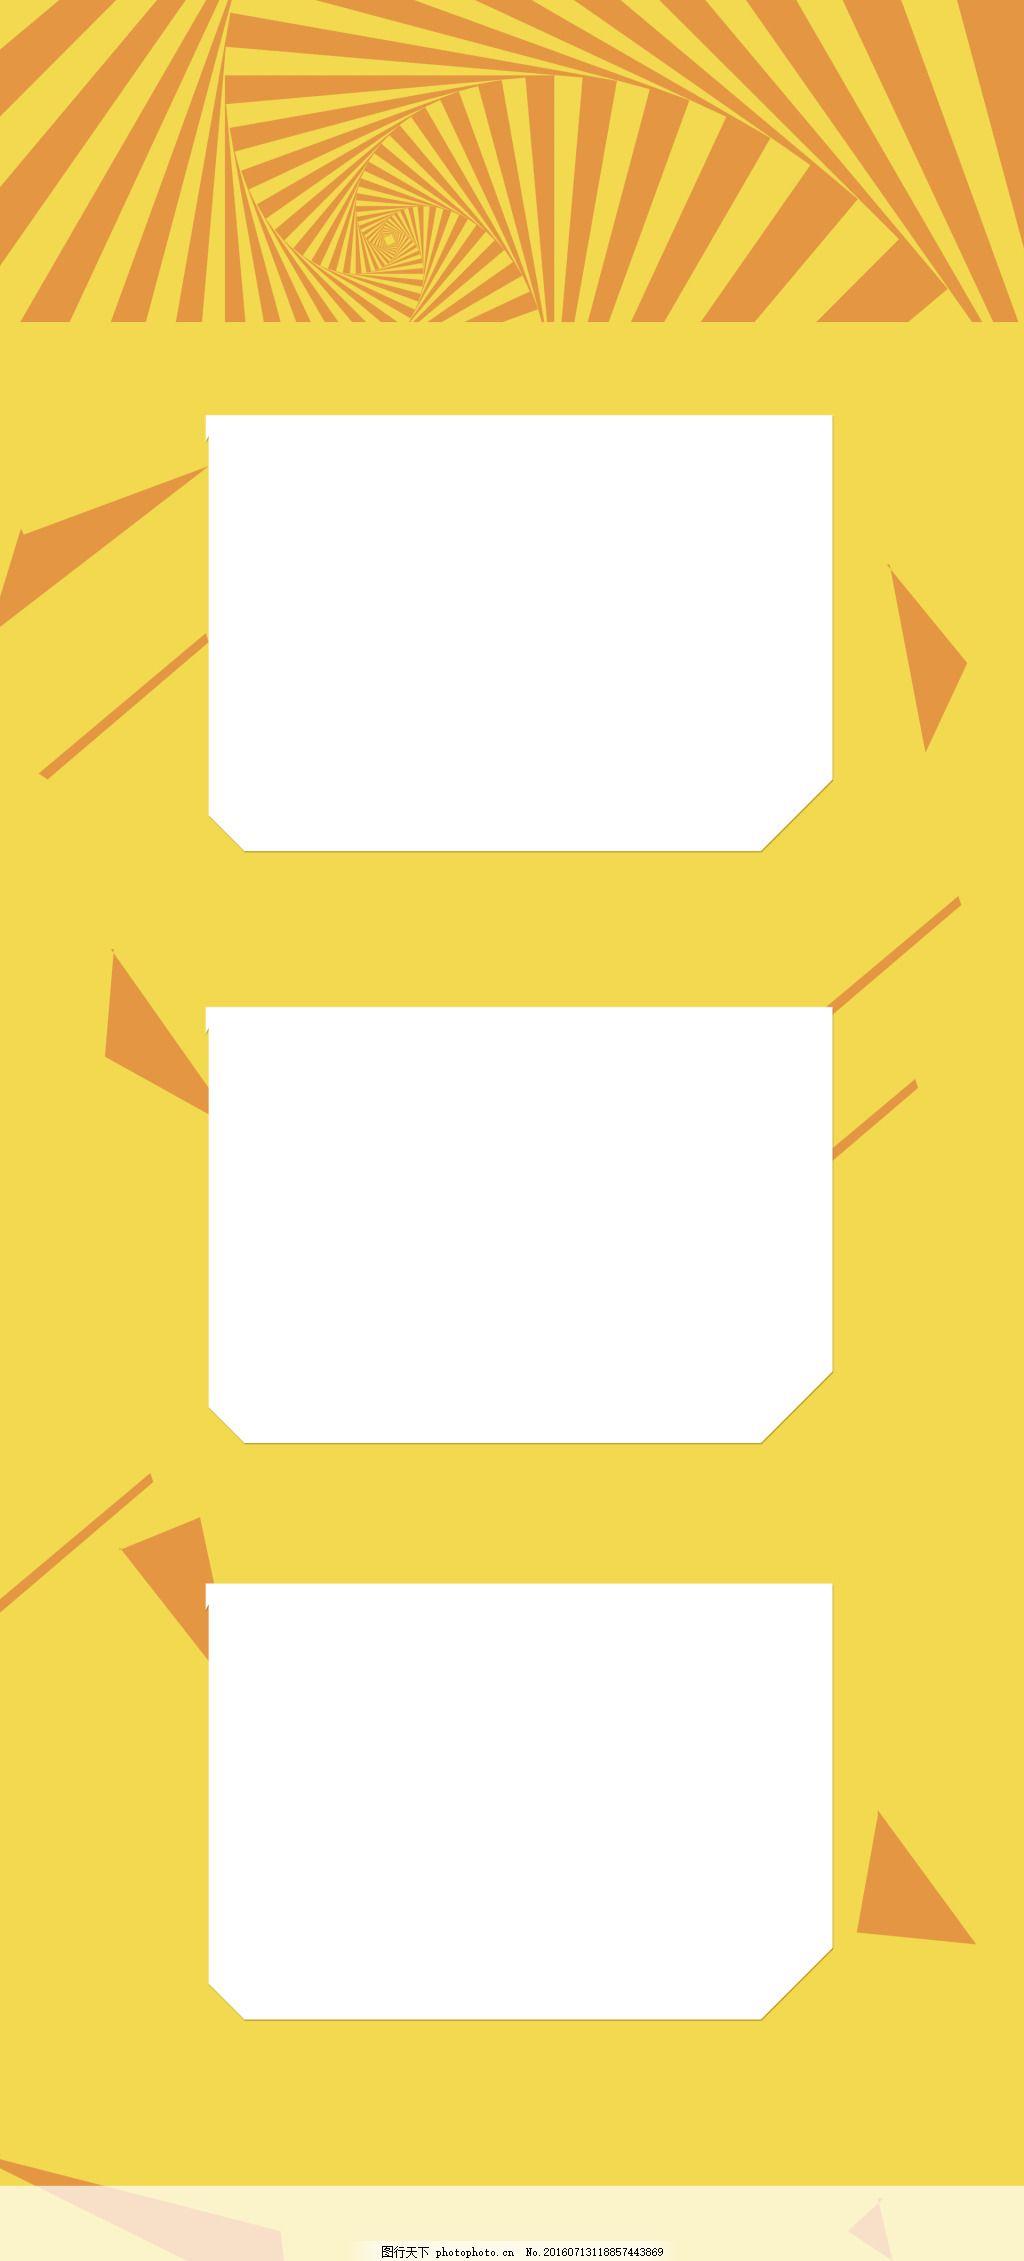 淘宝店铺背景素材 几何形 螺旋纹 黄色 色块 背景 线条